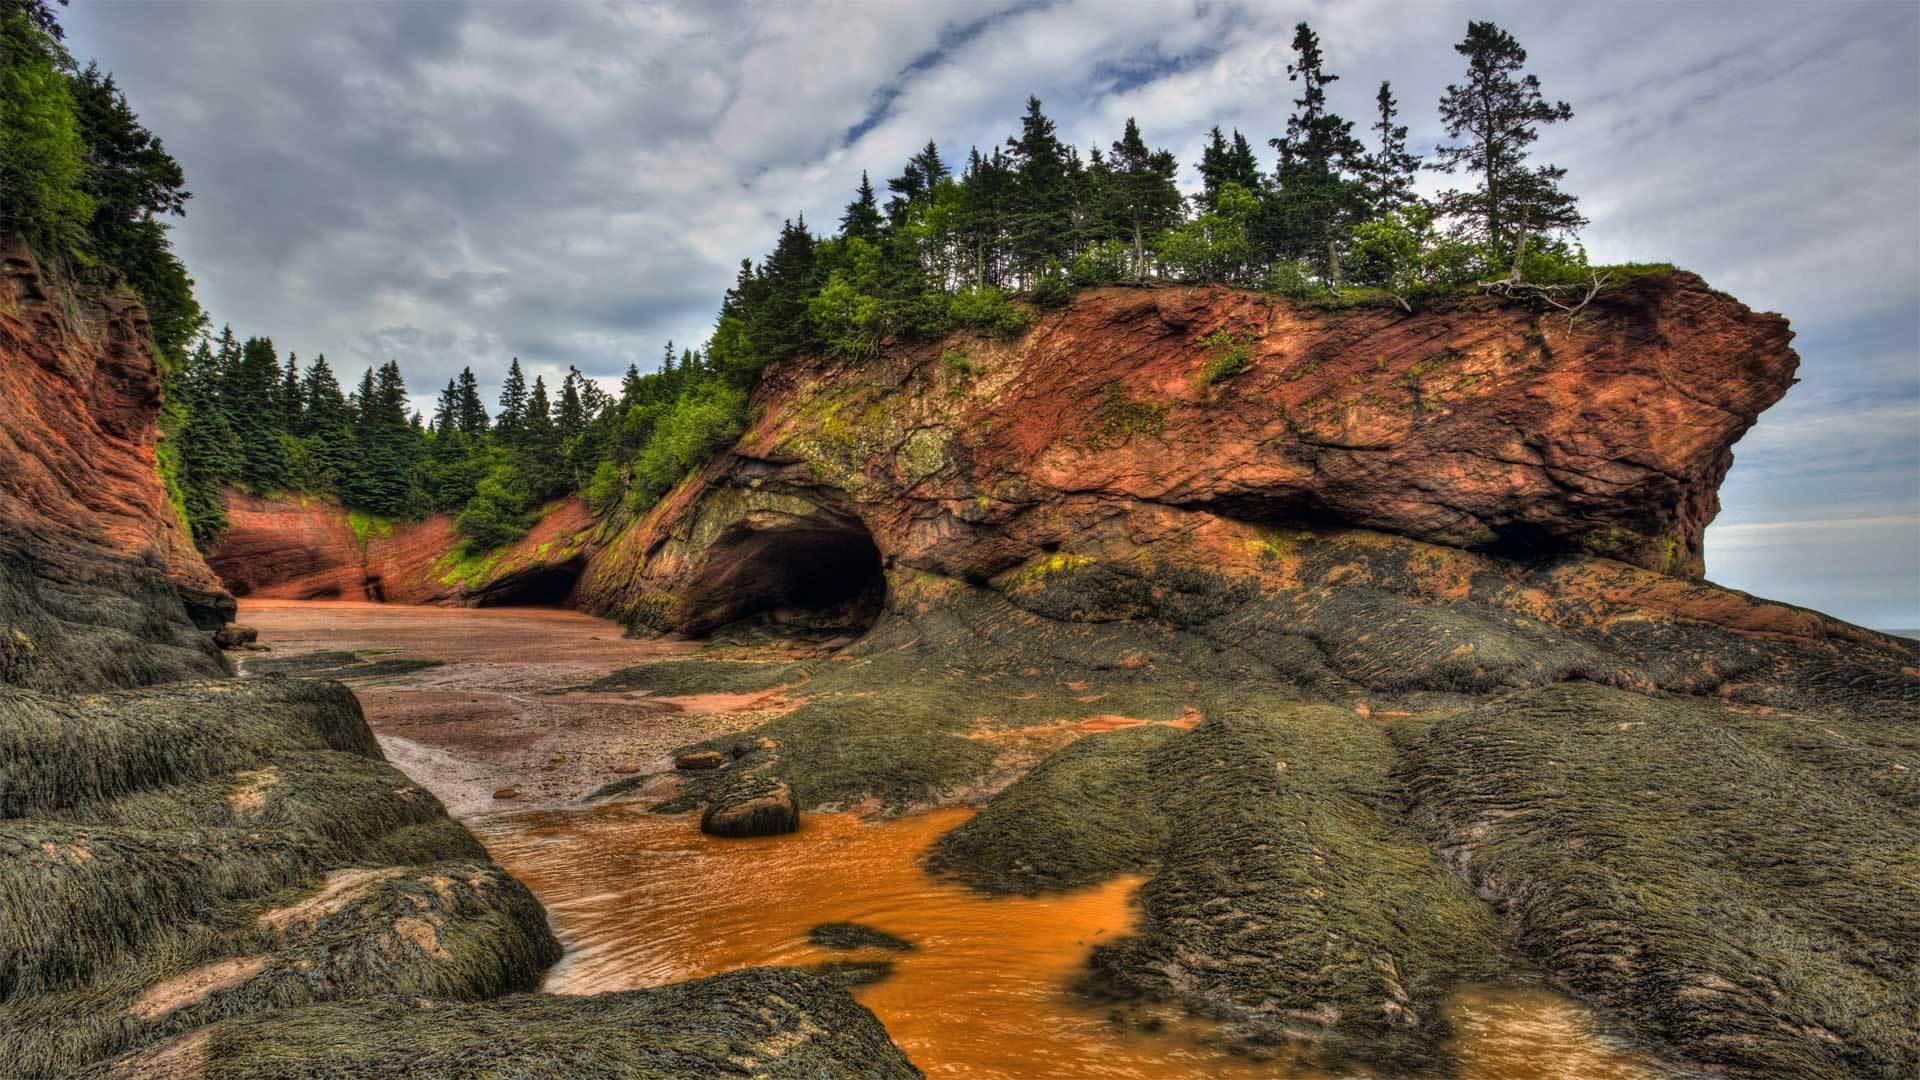 芬迪湾低潮时的洞穴及海岸地貌 芬迪湾